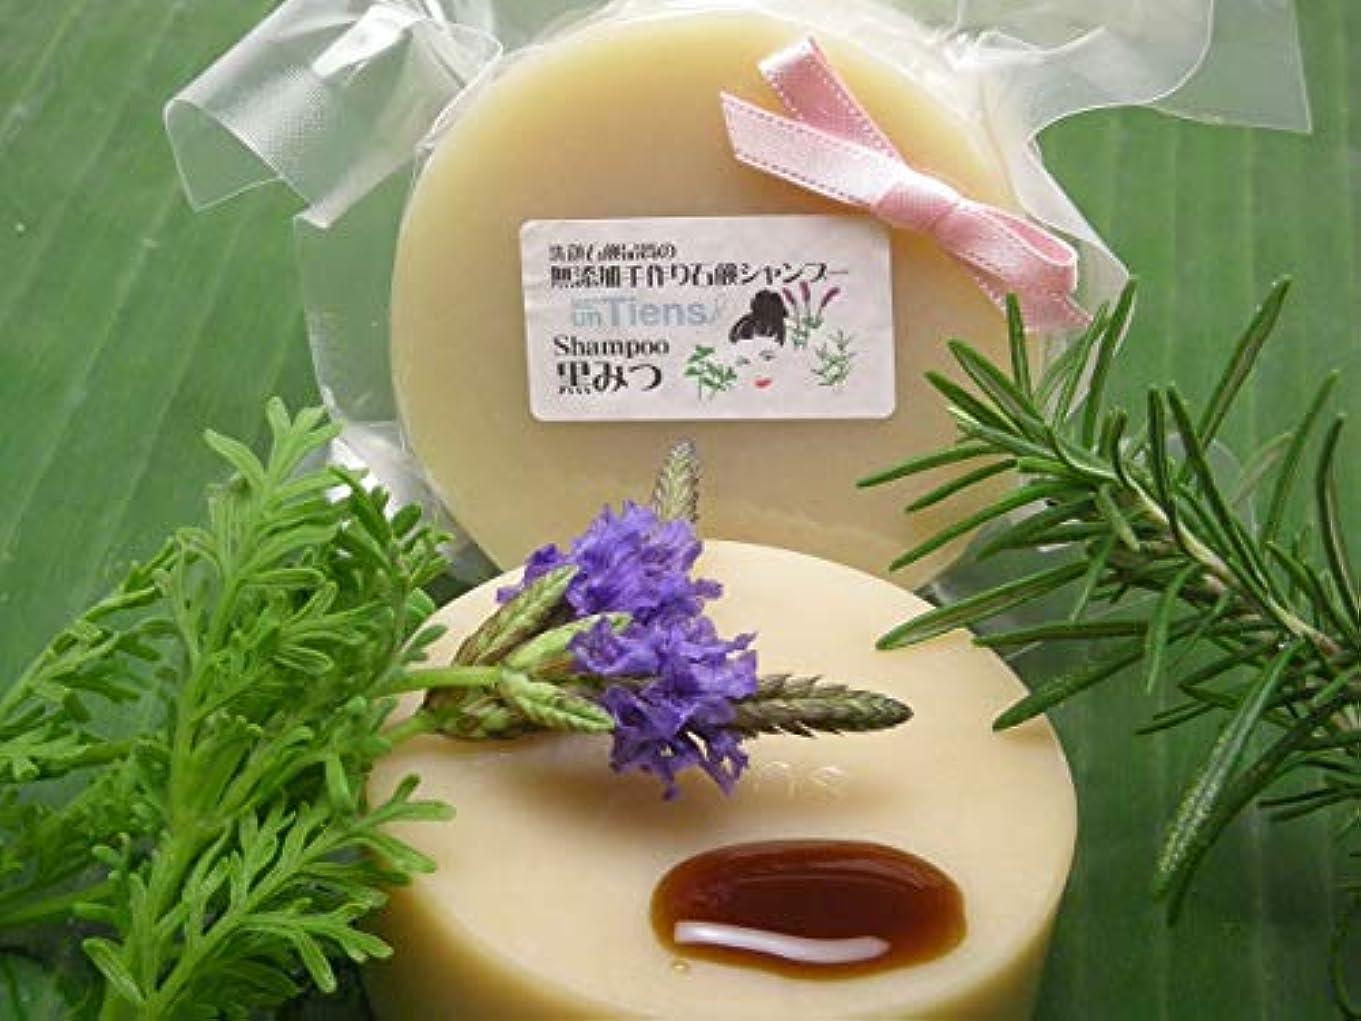 用心深いパンフレット蘇生する洗顔石鹸品質の無添加手作り固形石鹸シャンプー 「黒みつ」たっぷり使える丸型100g